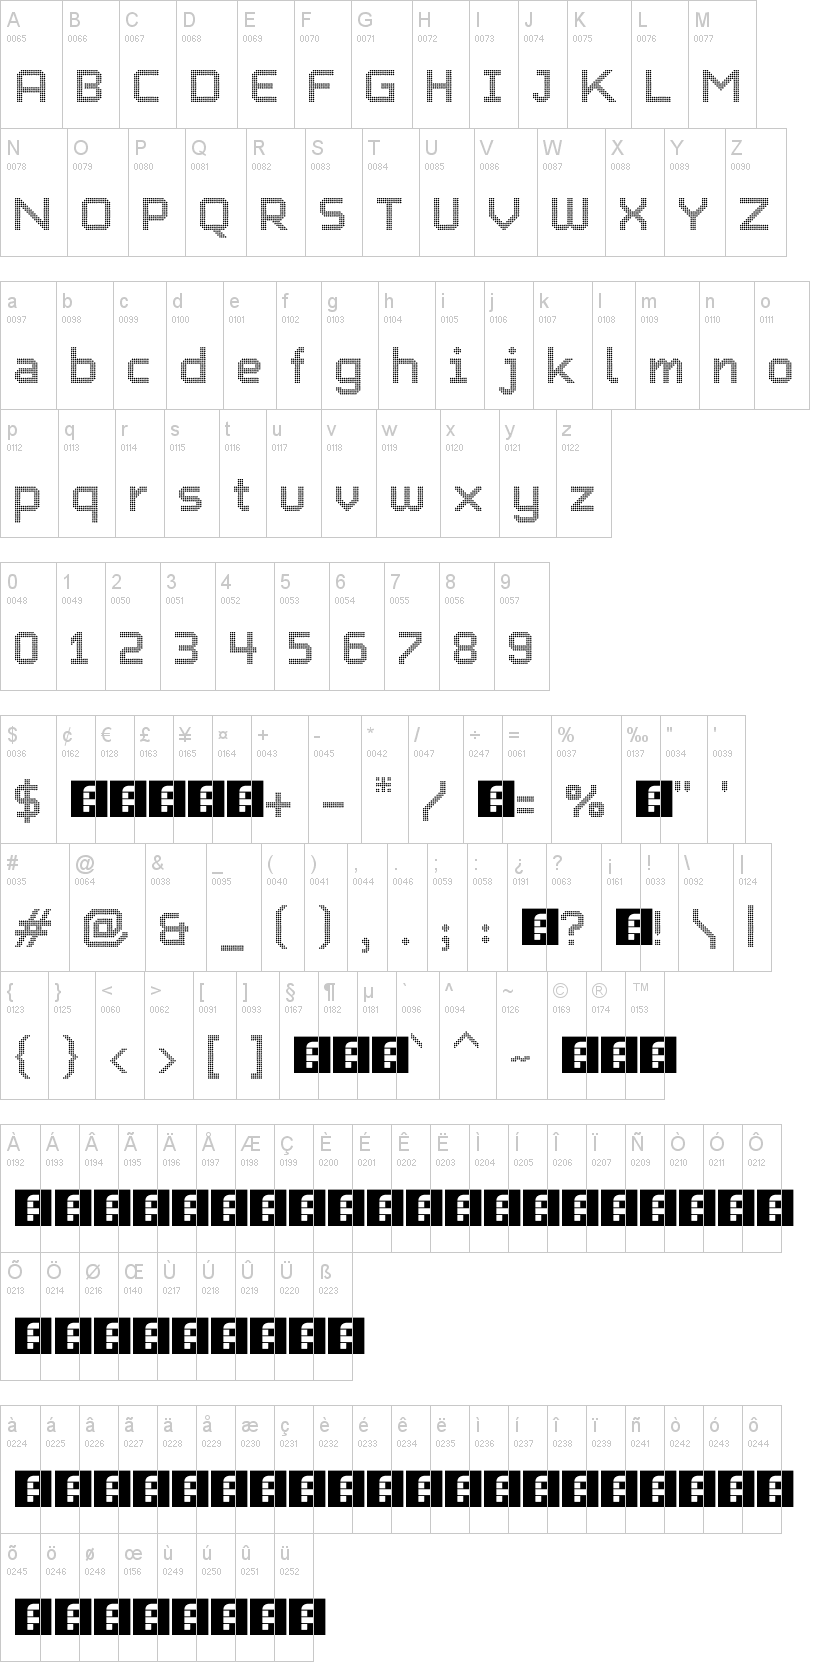 Charlie Dotted Font | dafont com